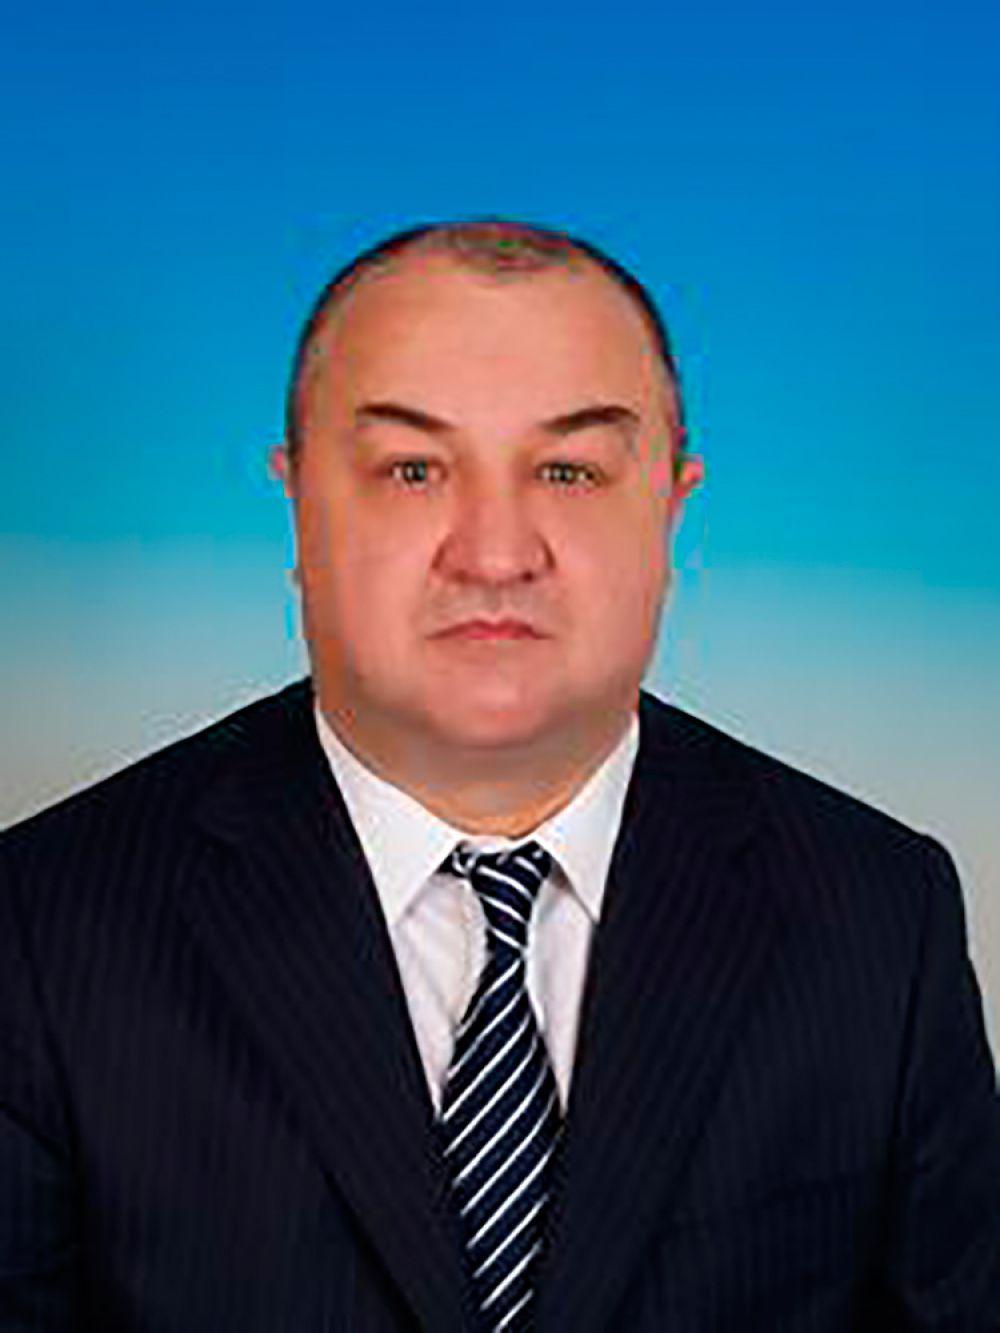 Семейный доход члена фракции КПРФ, замглавы комитета по земельным отношениям и строительству, совладельца строительного холдинга «Лидер Групп» Александра Некрасова в 2014 году составил 860,8 млн руб.